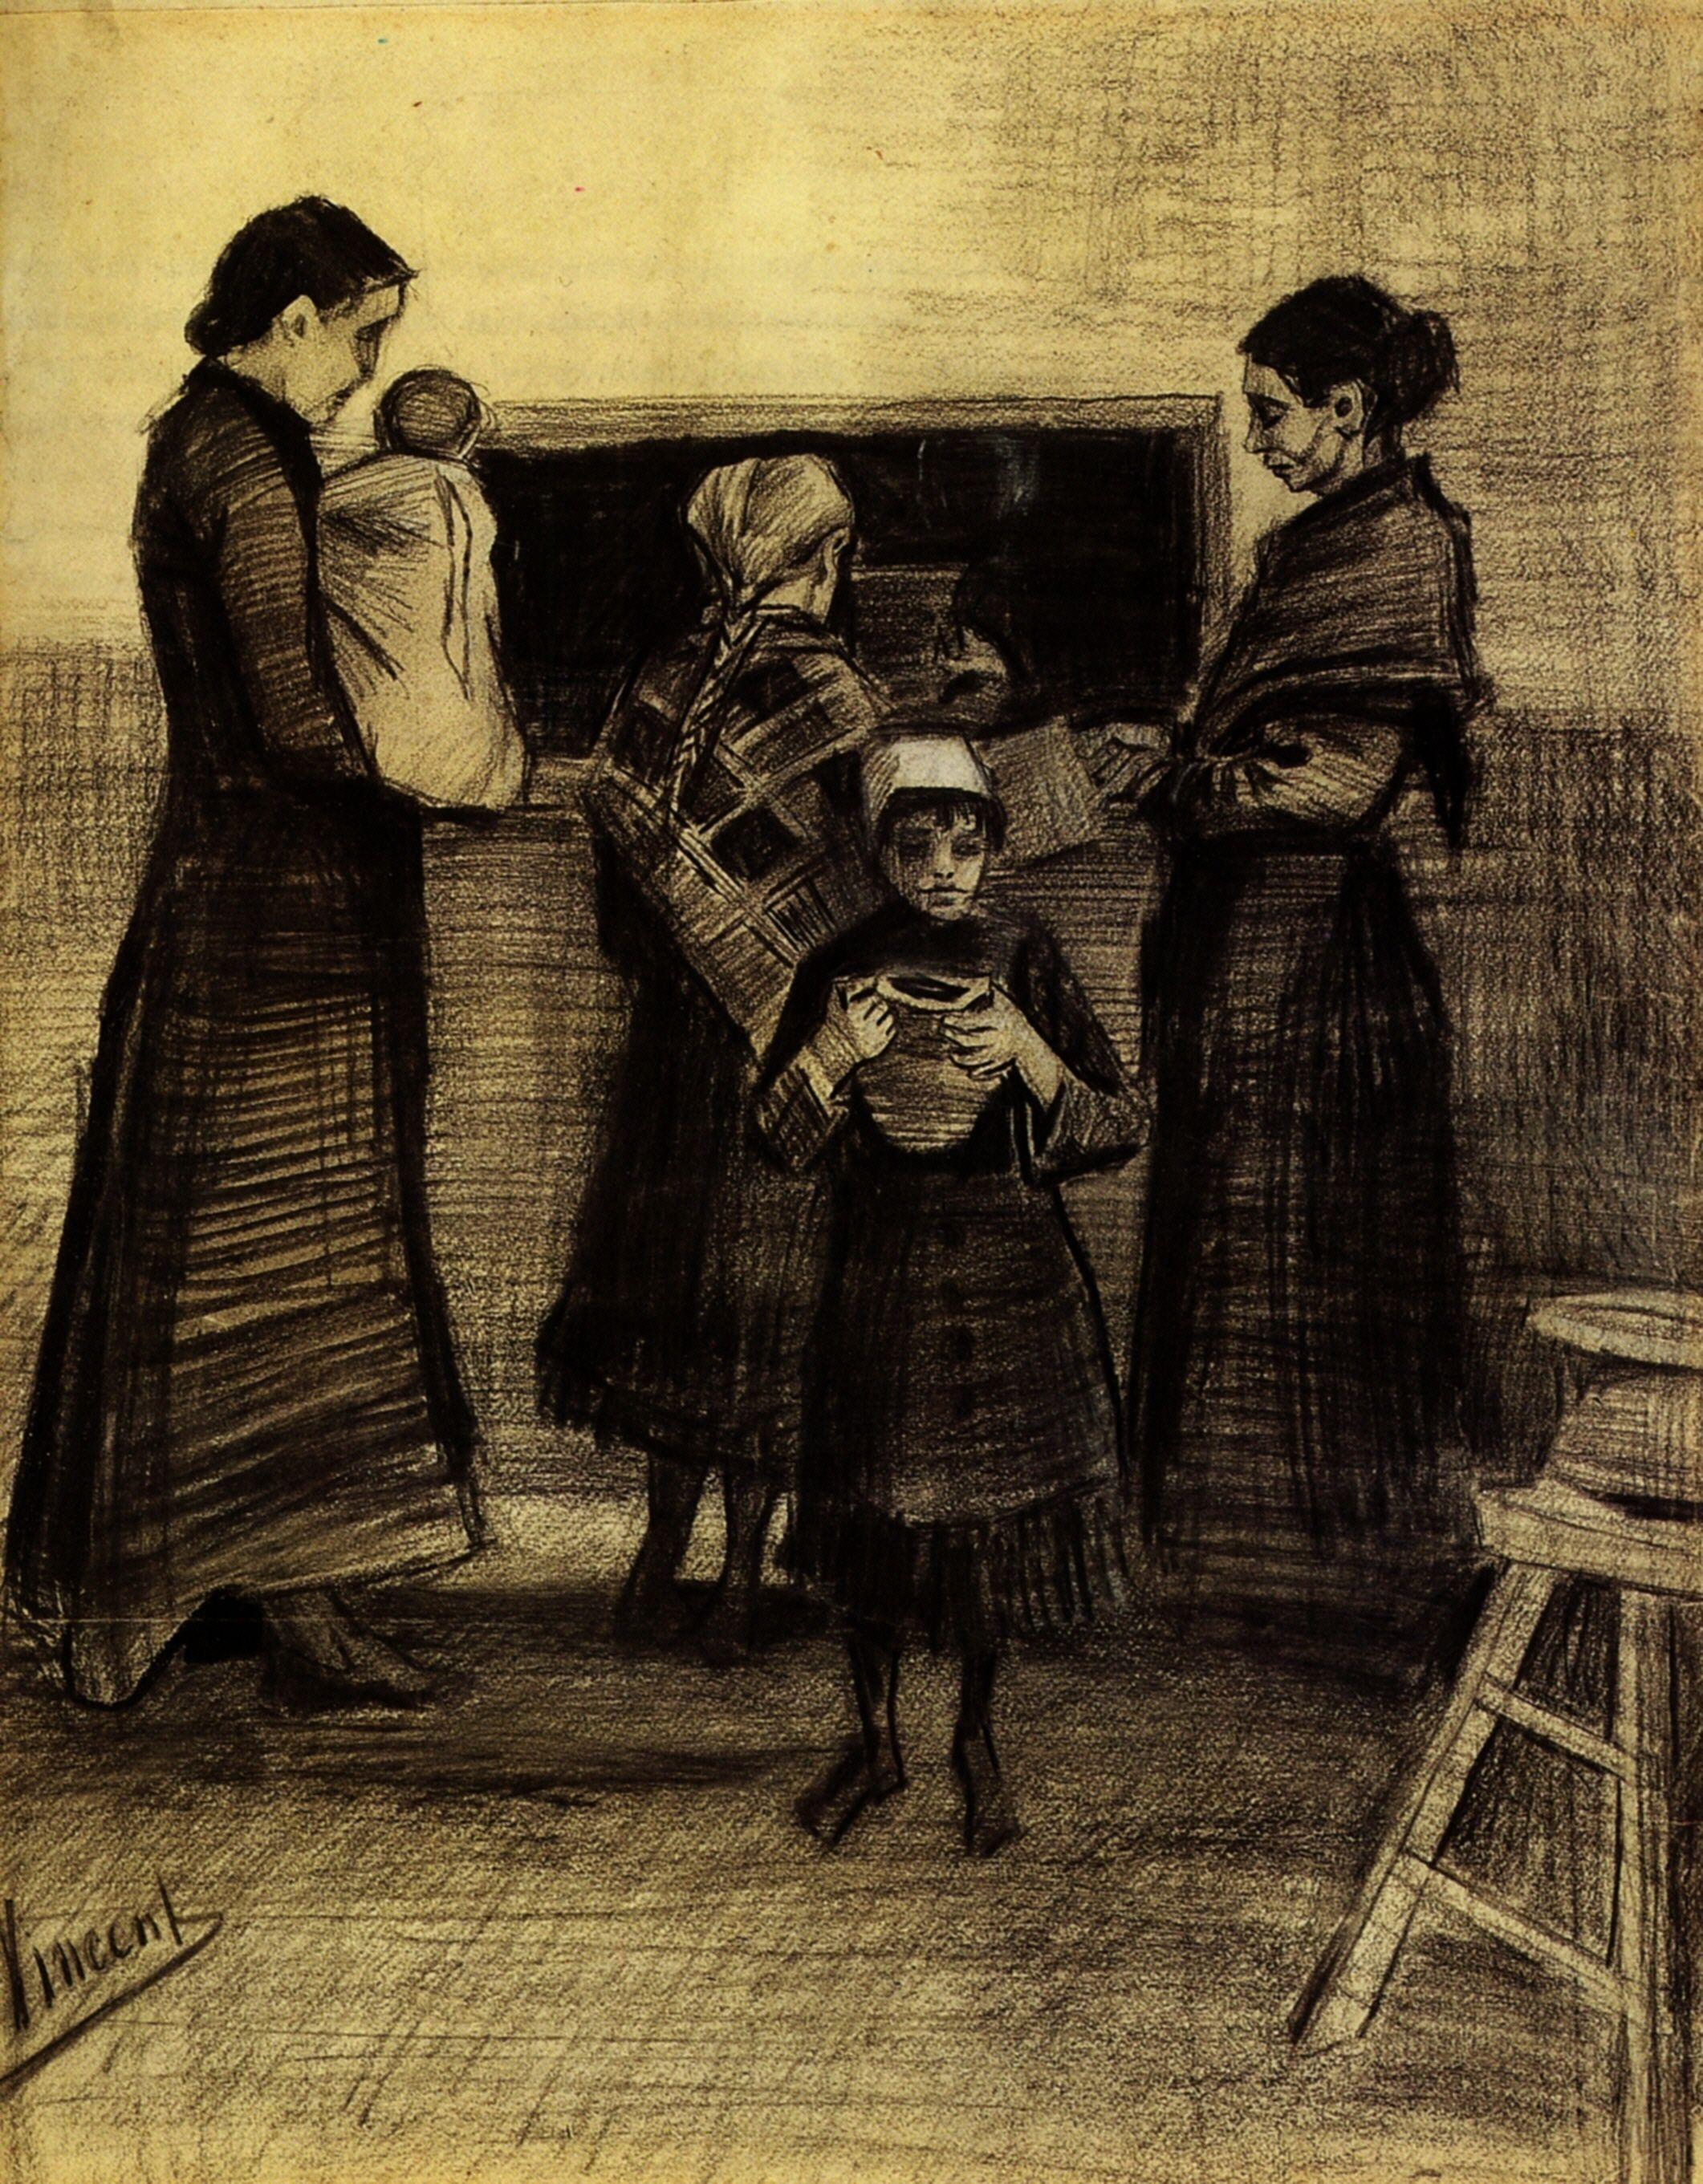 Soup Distribution in a Public Soup Kitchen by Vincent Van Gogh (1853